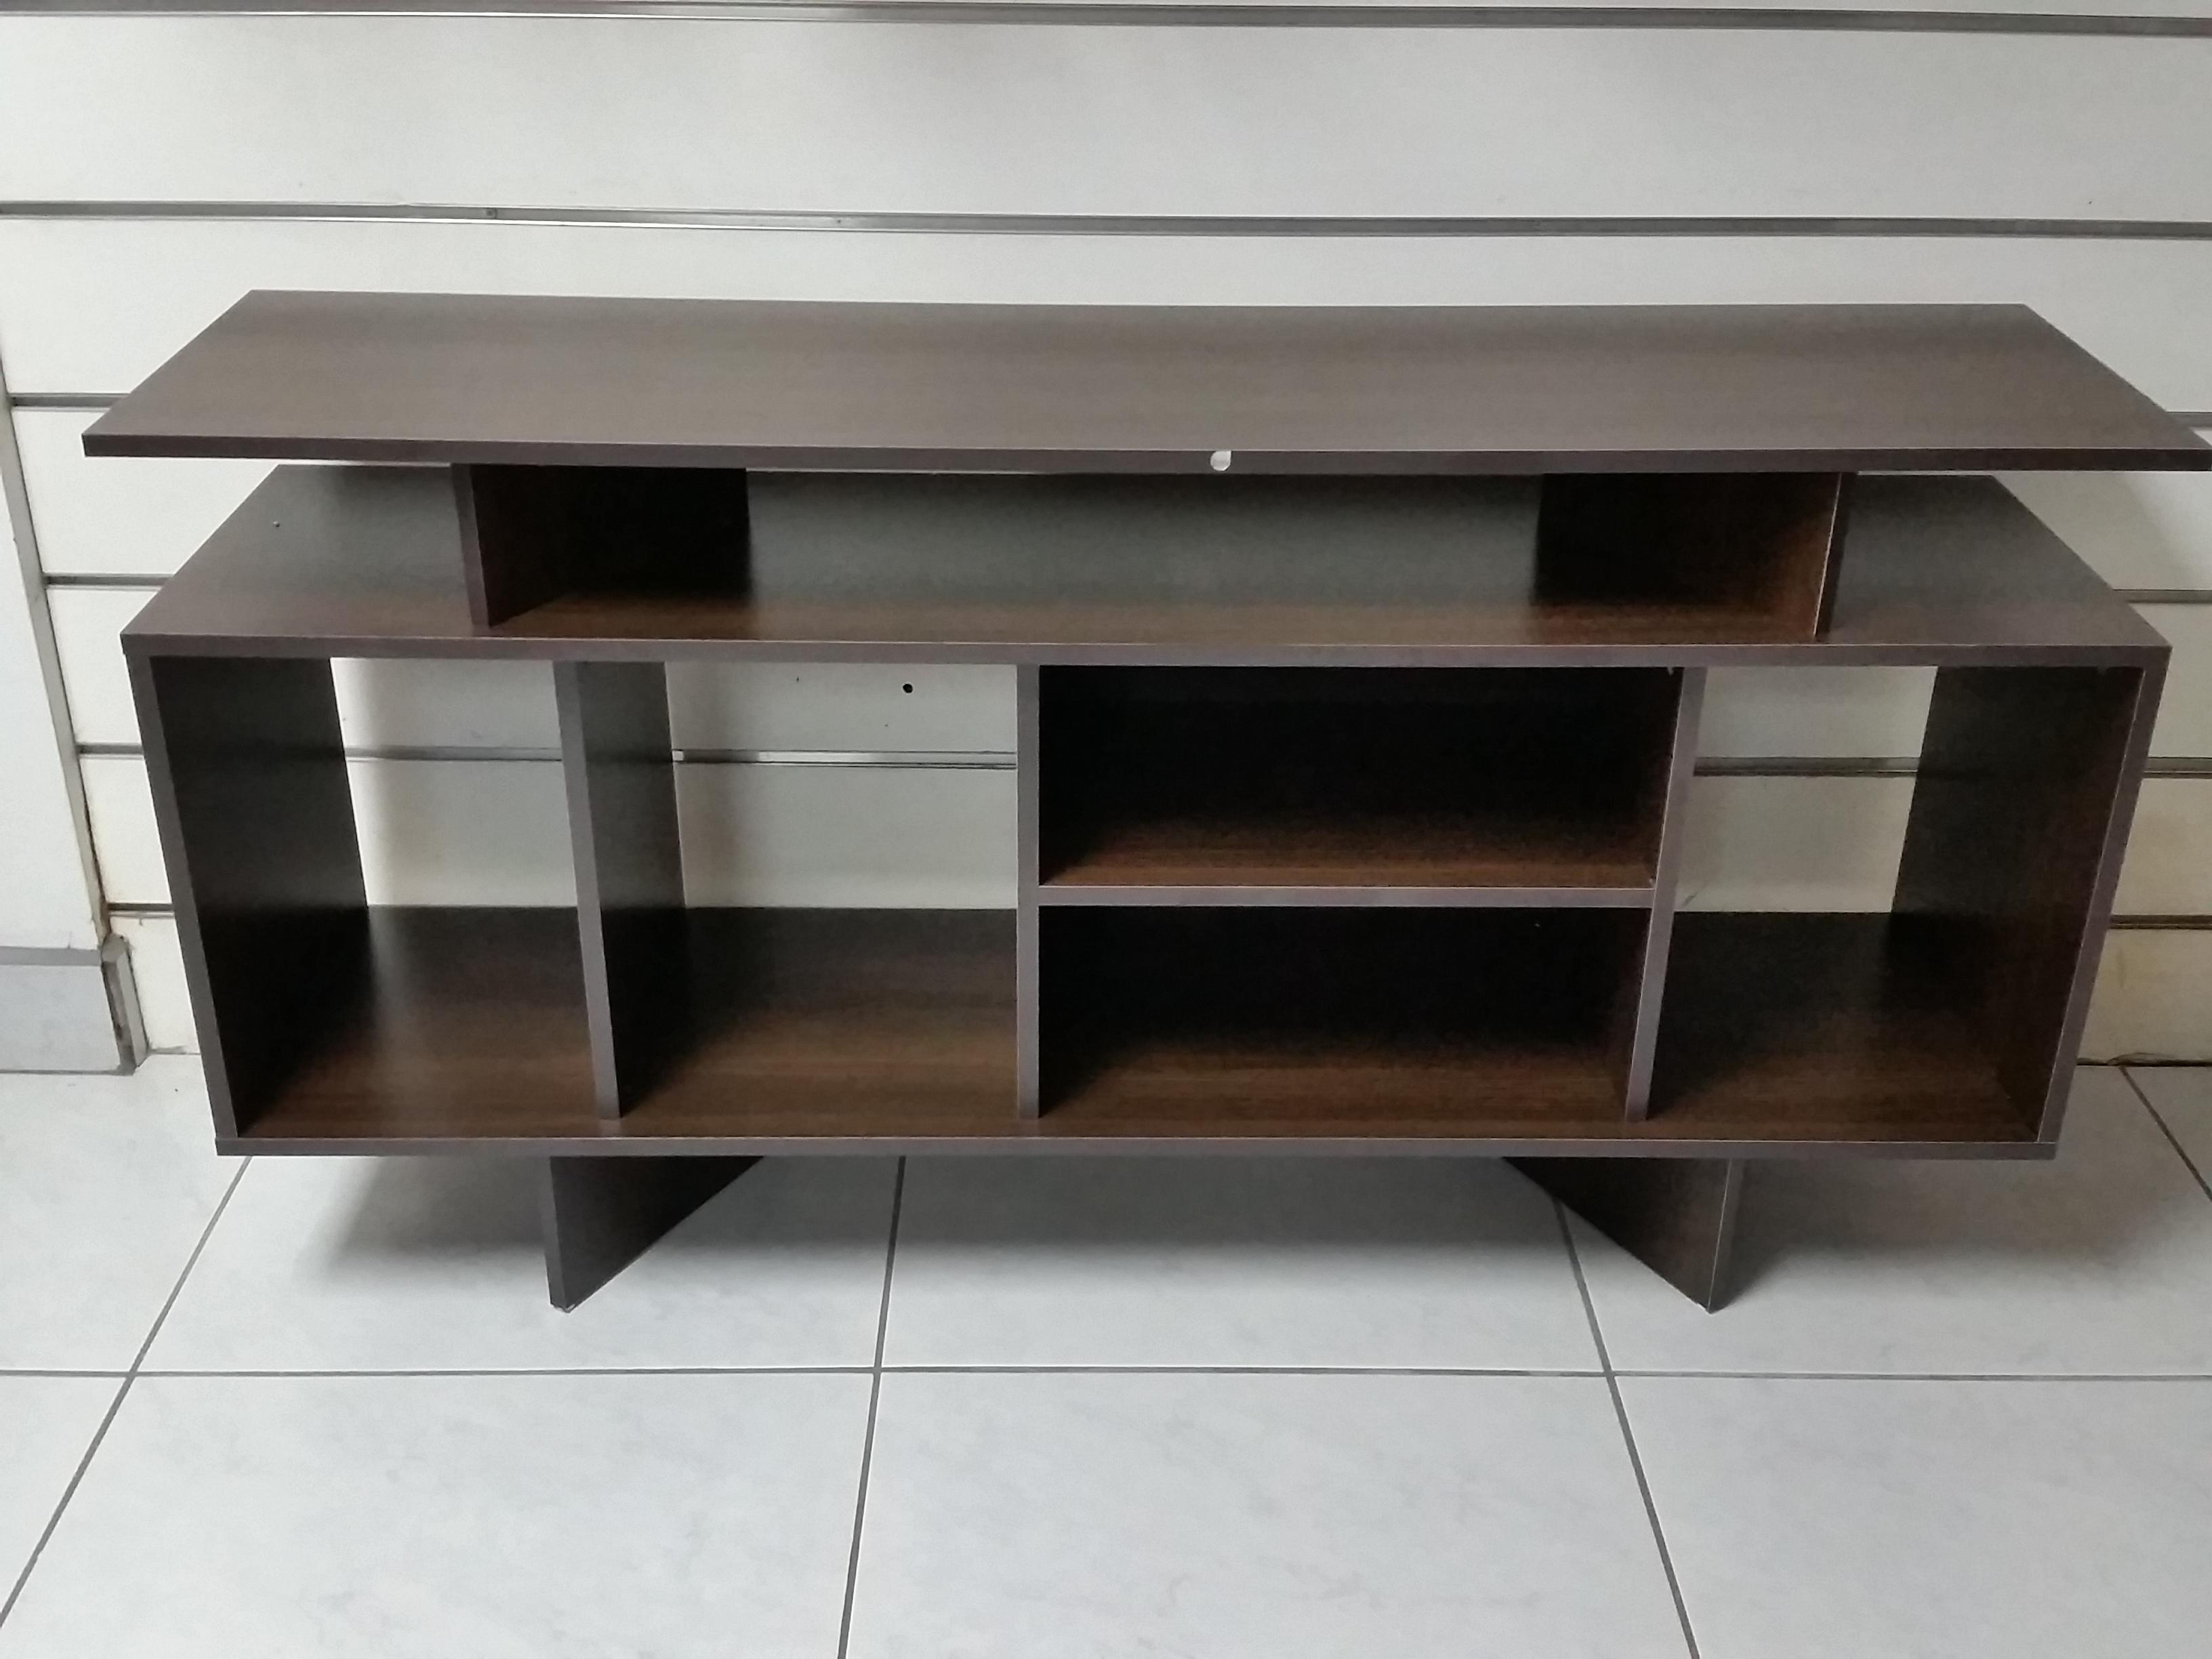 mueble para tv pantalla equipo de sonido br 23 labnash